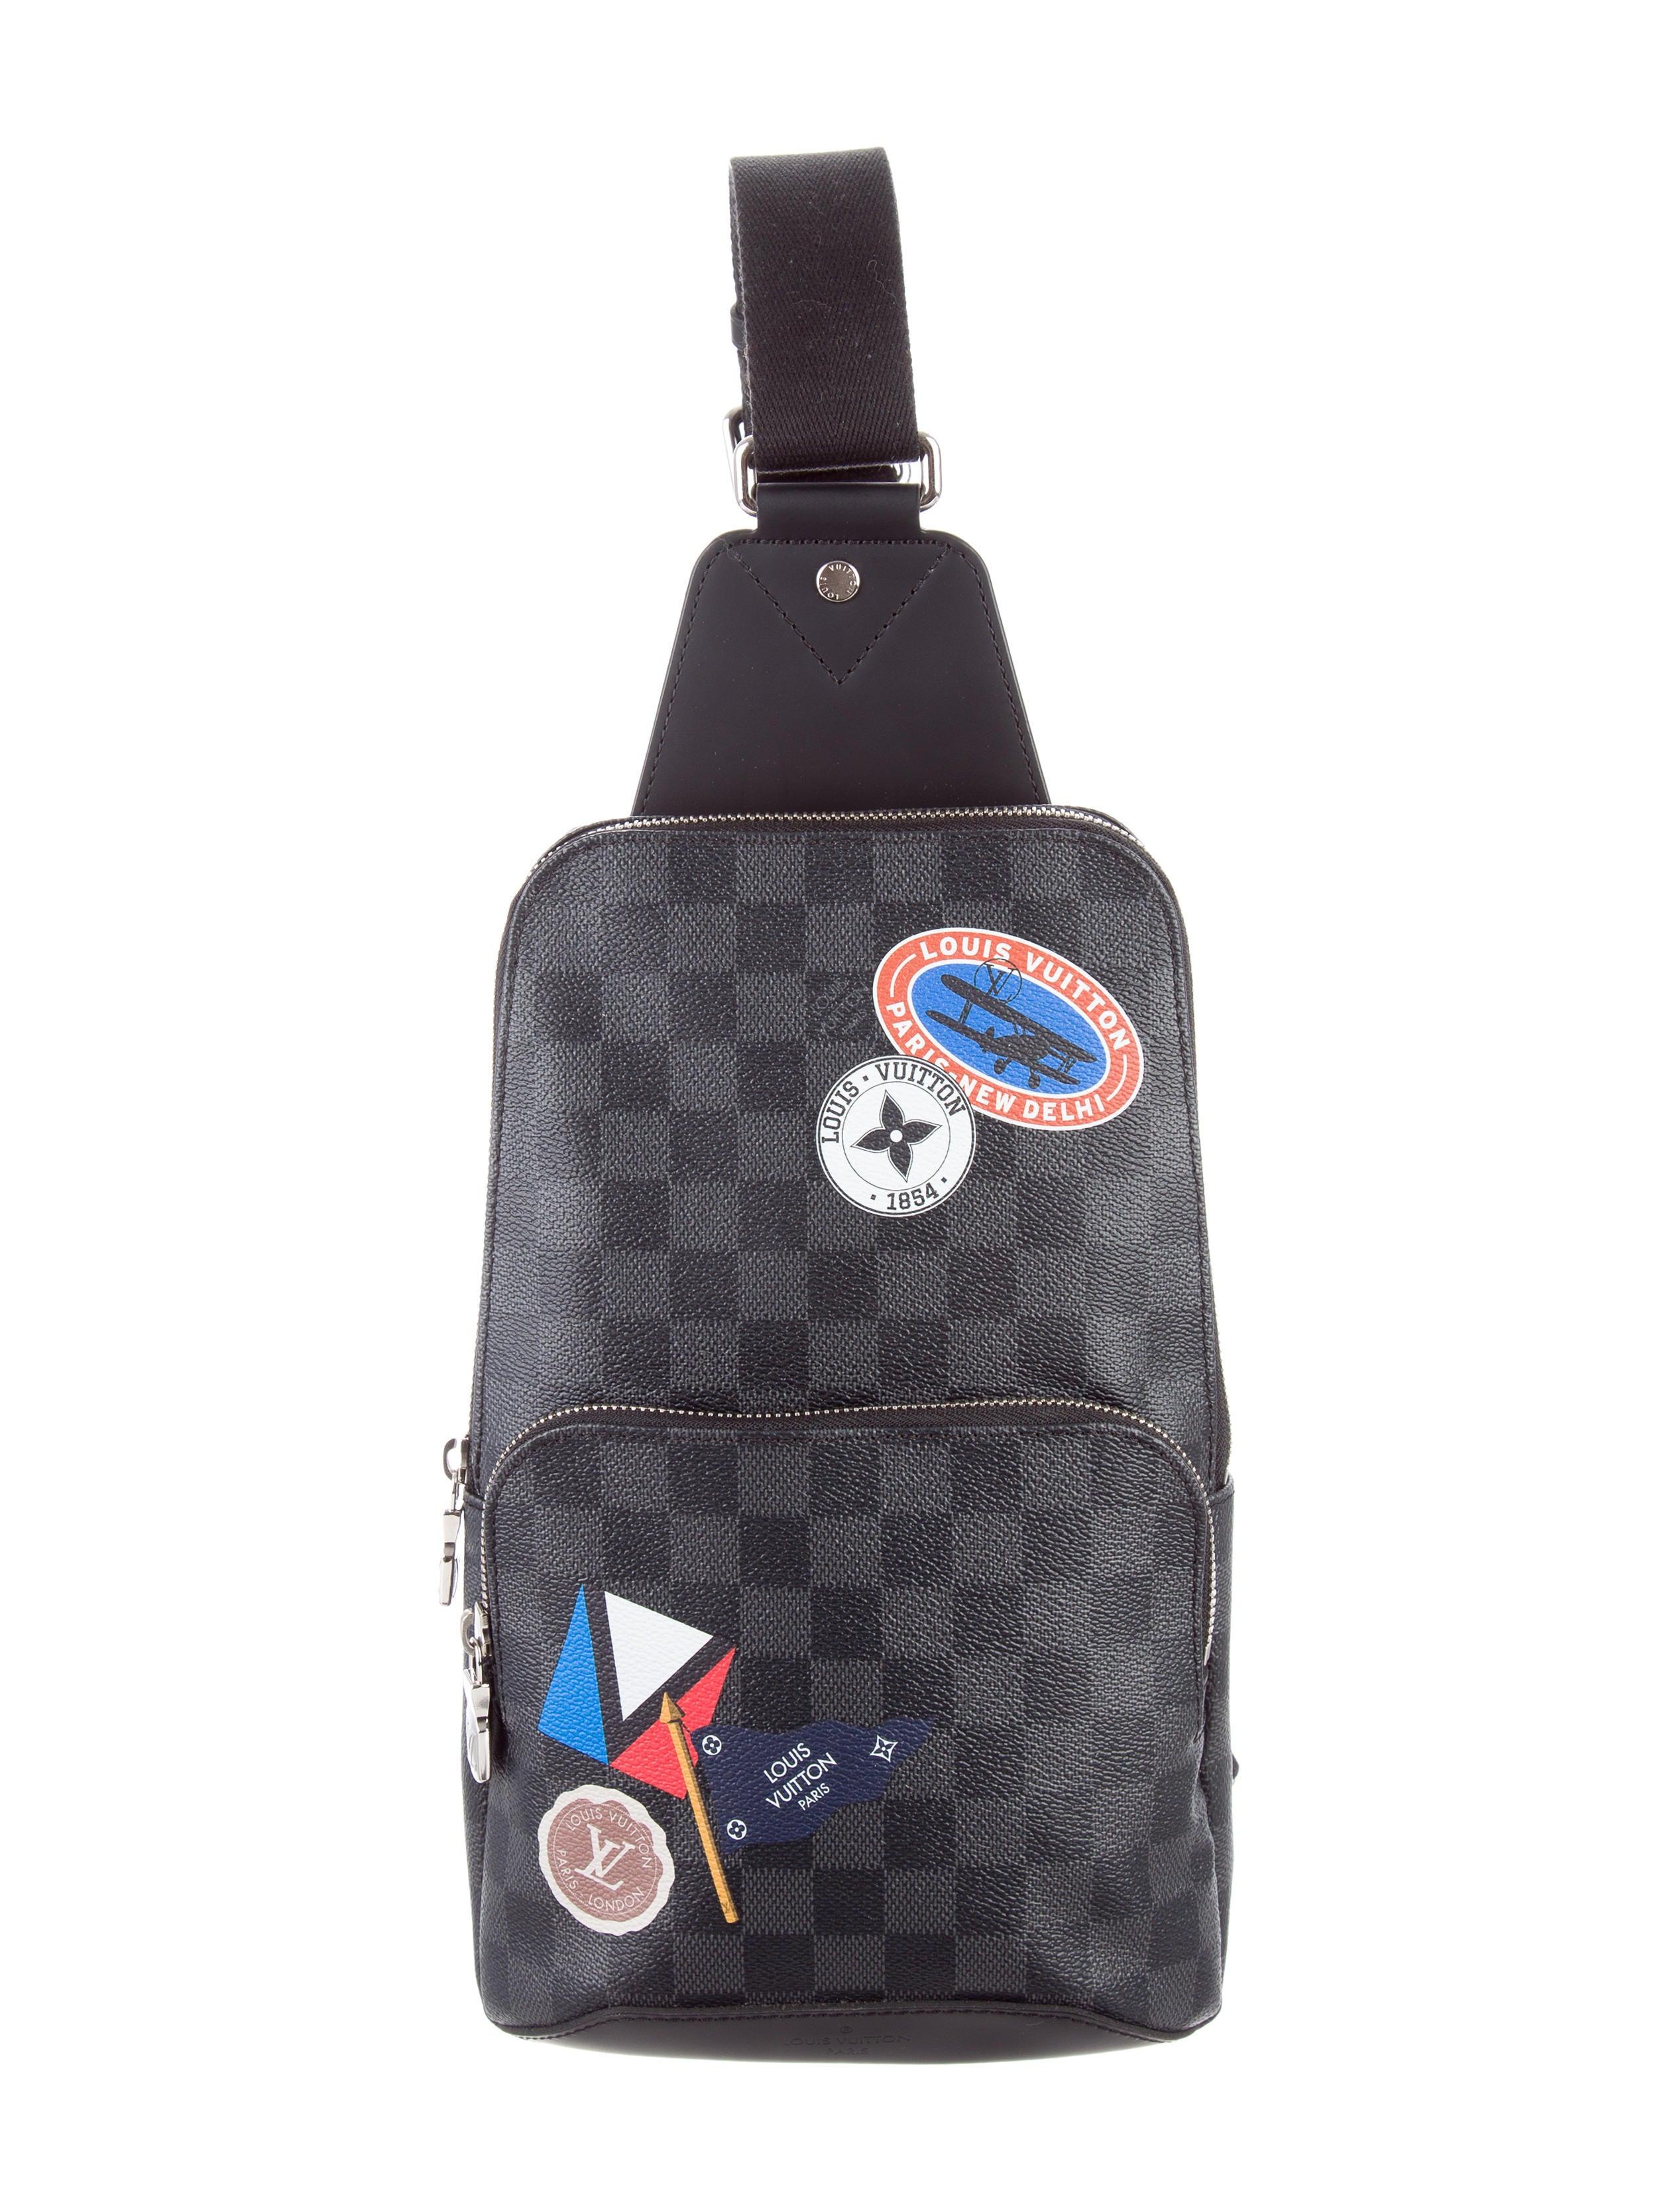 fc5f9b434a43 Louis Vuitton 2017 Damier Graphite Avenue Sling Bag - Bags ...